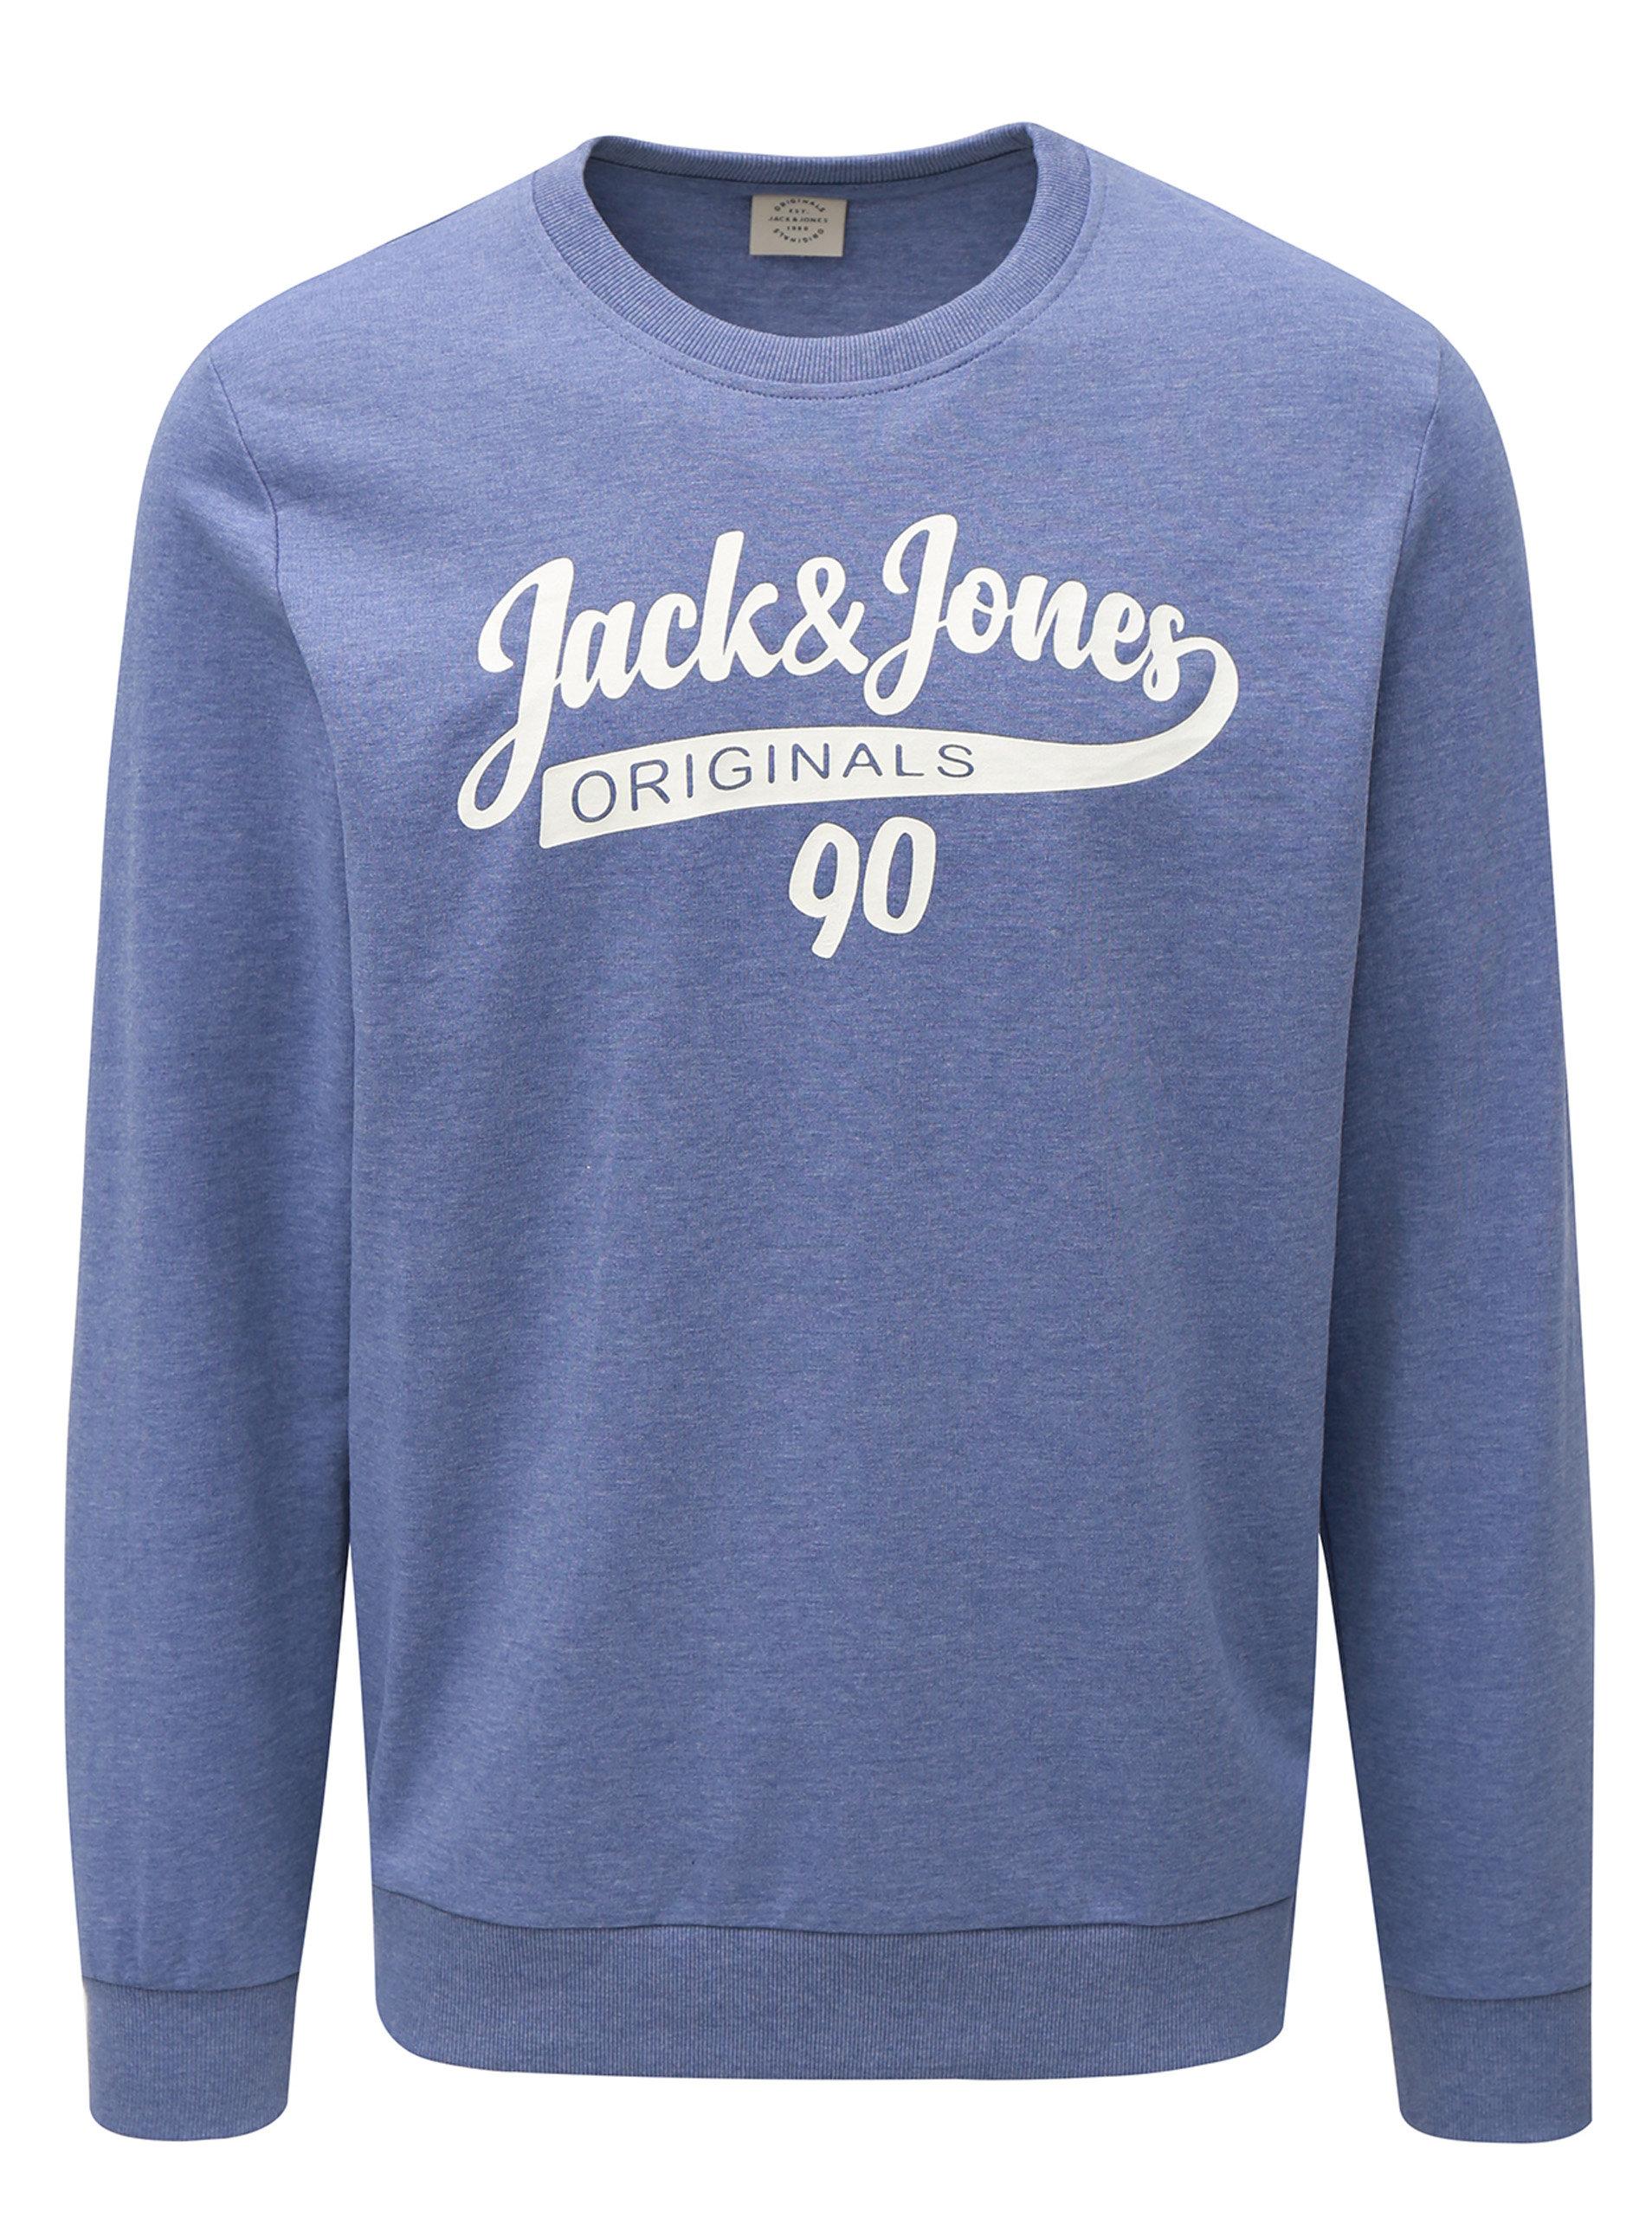 Fialová žíhaná mikina s potiskem Jack   Jones ... 3ec1997dd9